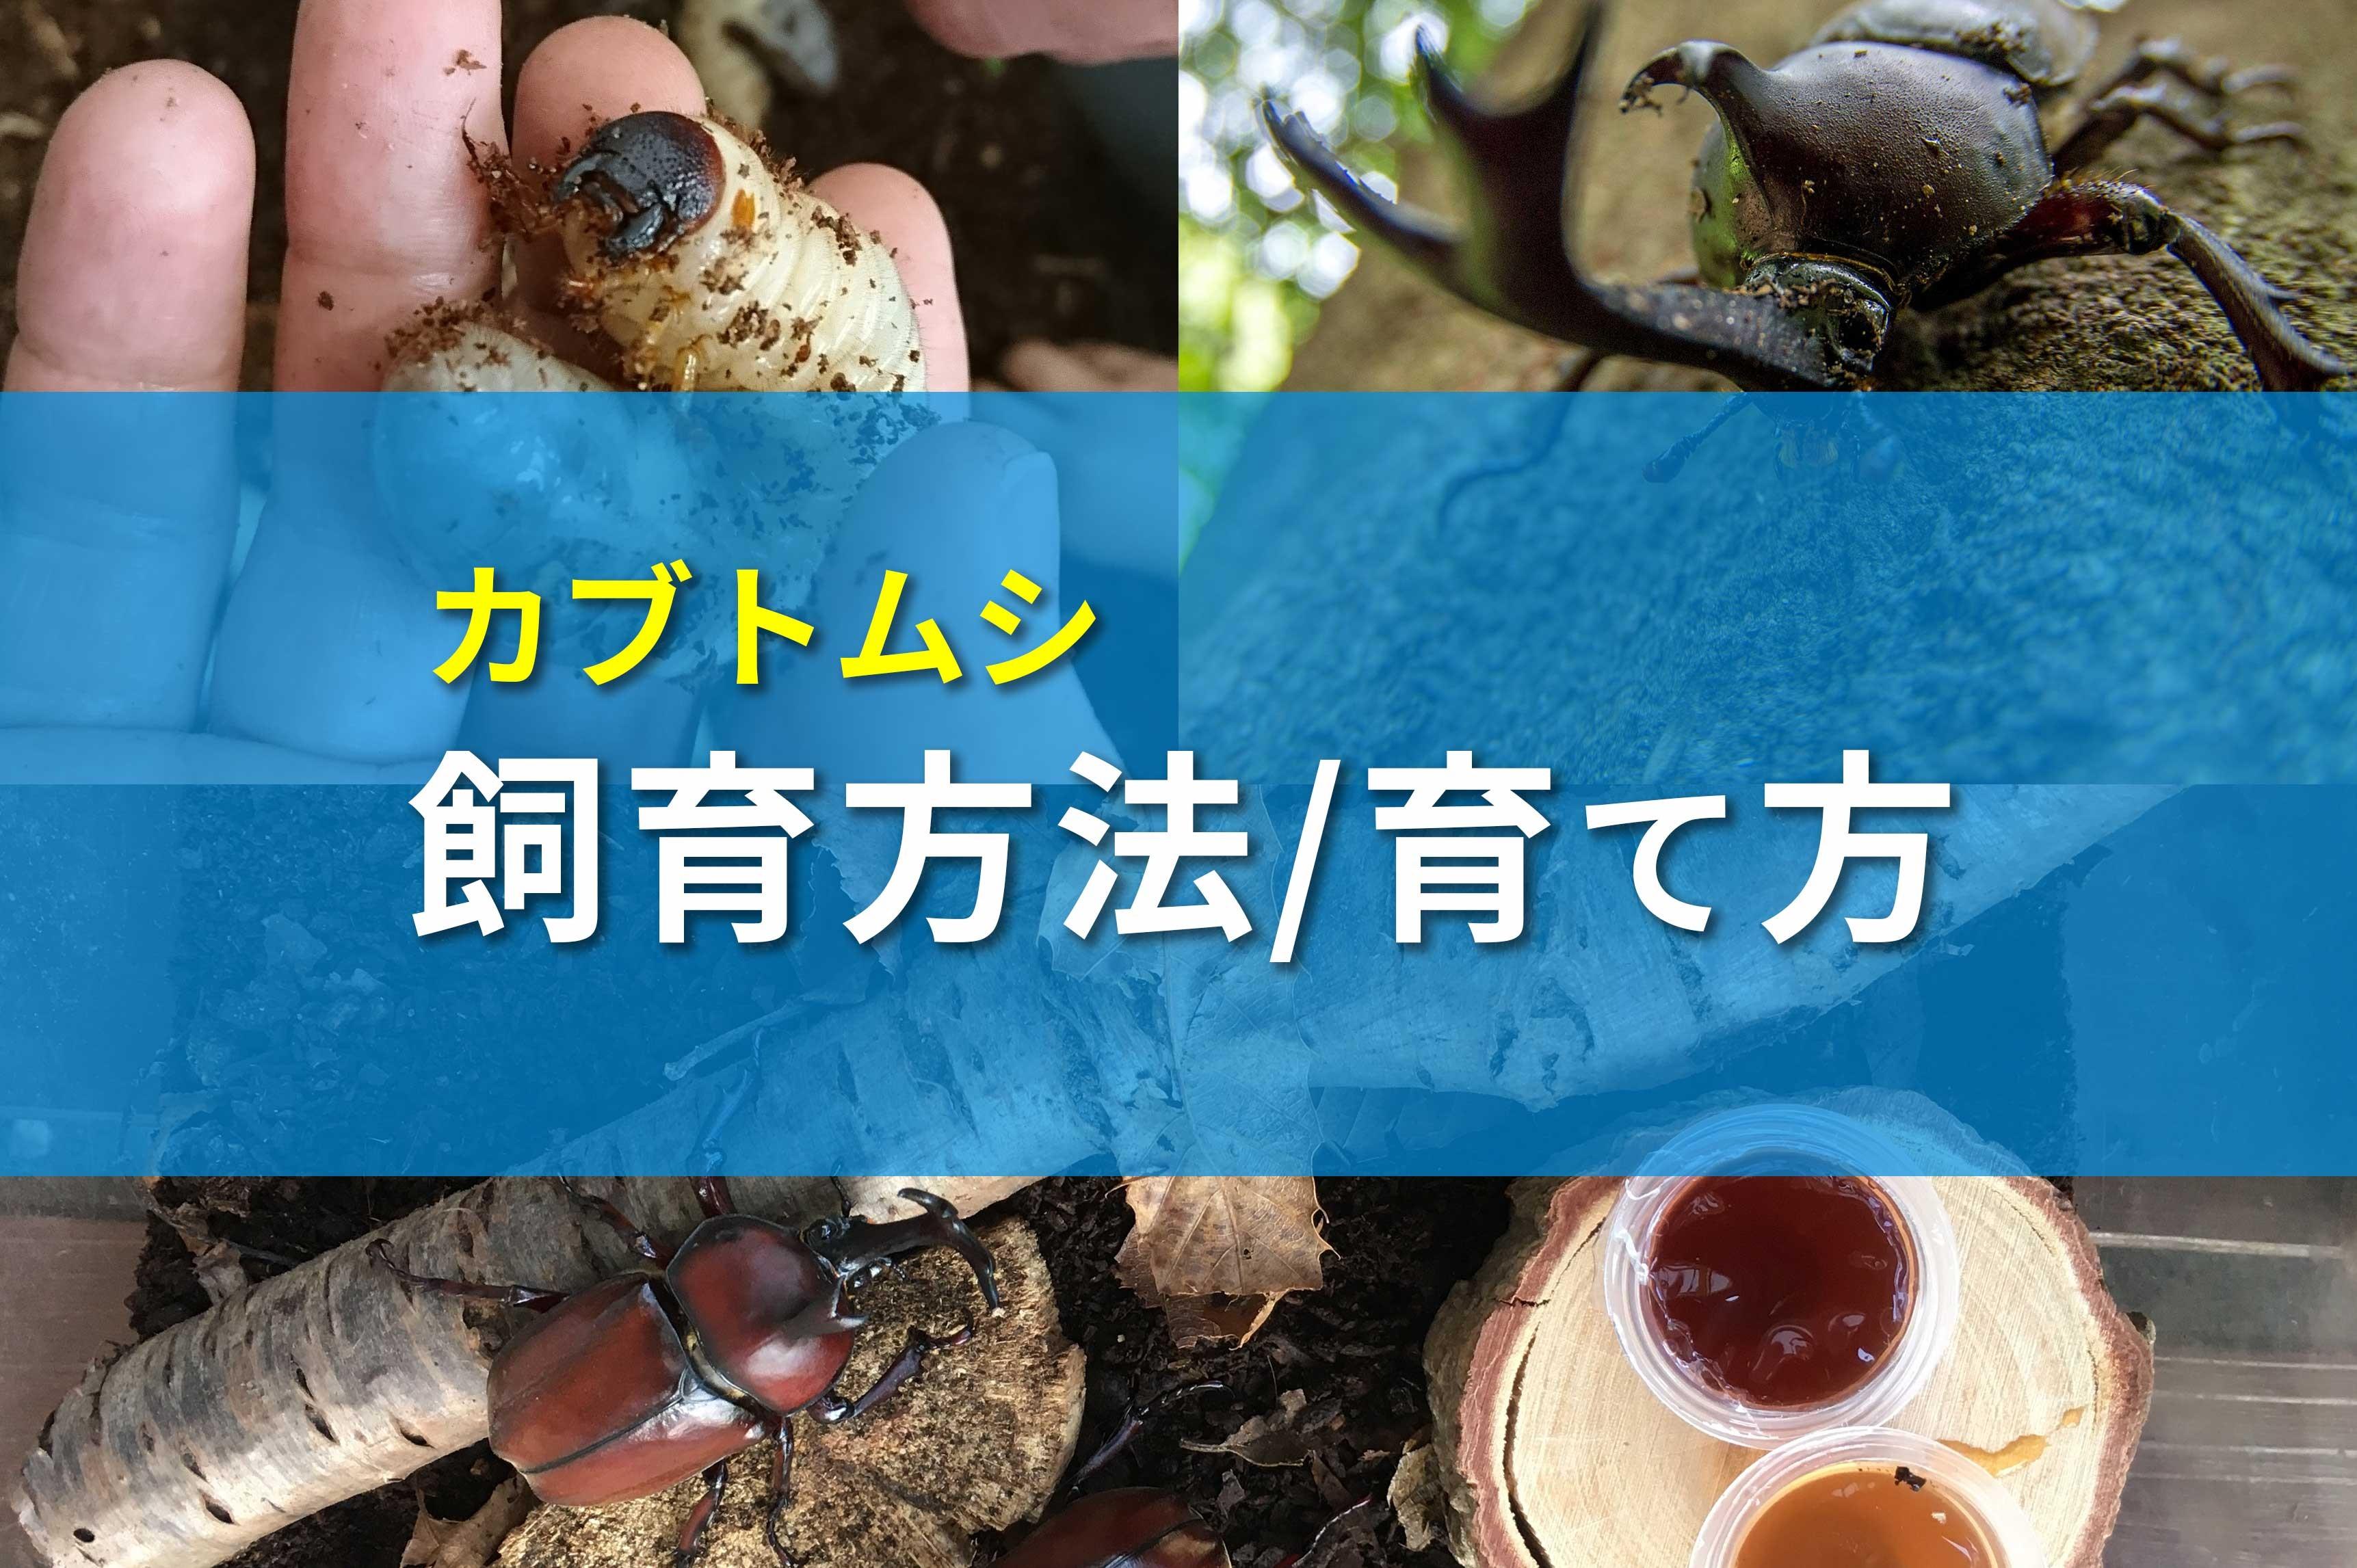 カブトムシ蛹 横向き